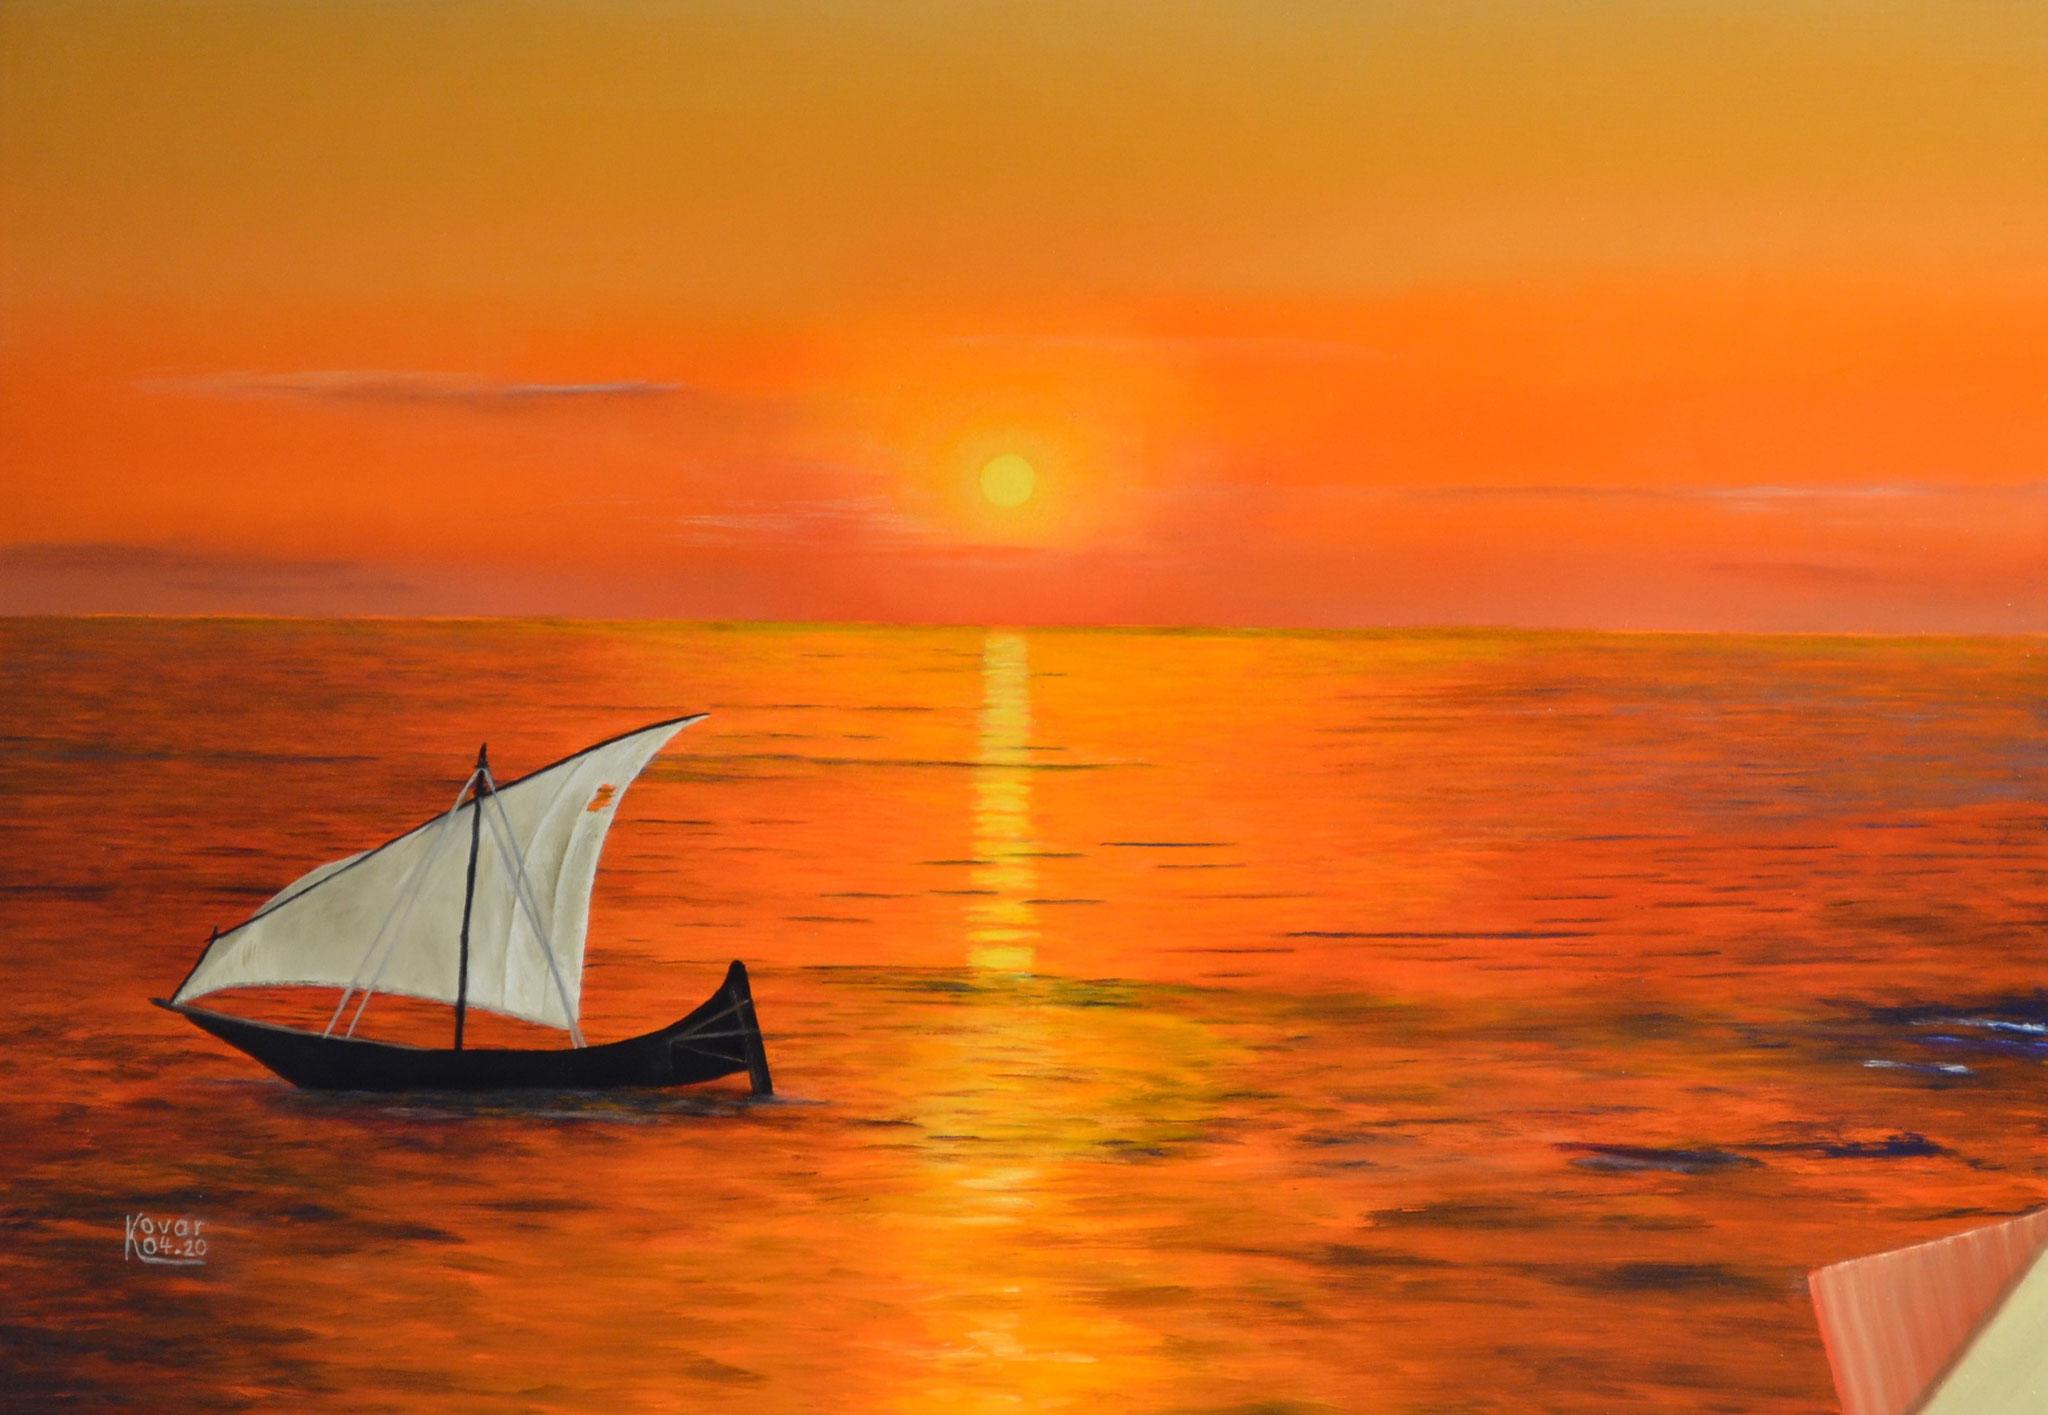 Arche Noah anno 2100 / Noah's Ark in 2100. Öl auf Leinwand 65 x 45 cm, 2020. Oil  on canvas.